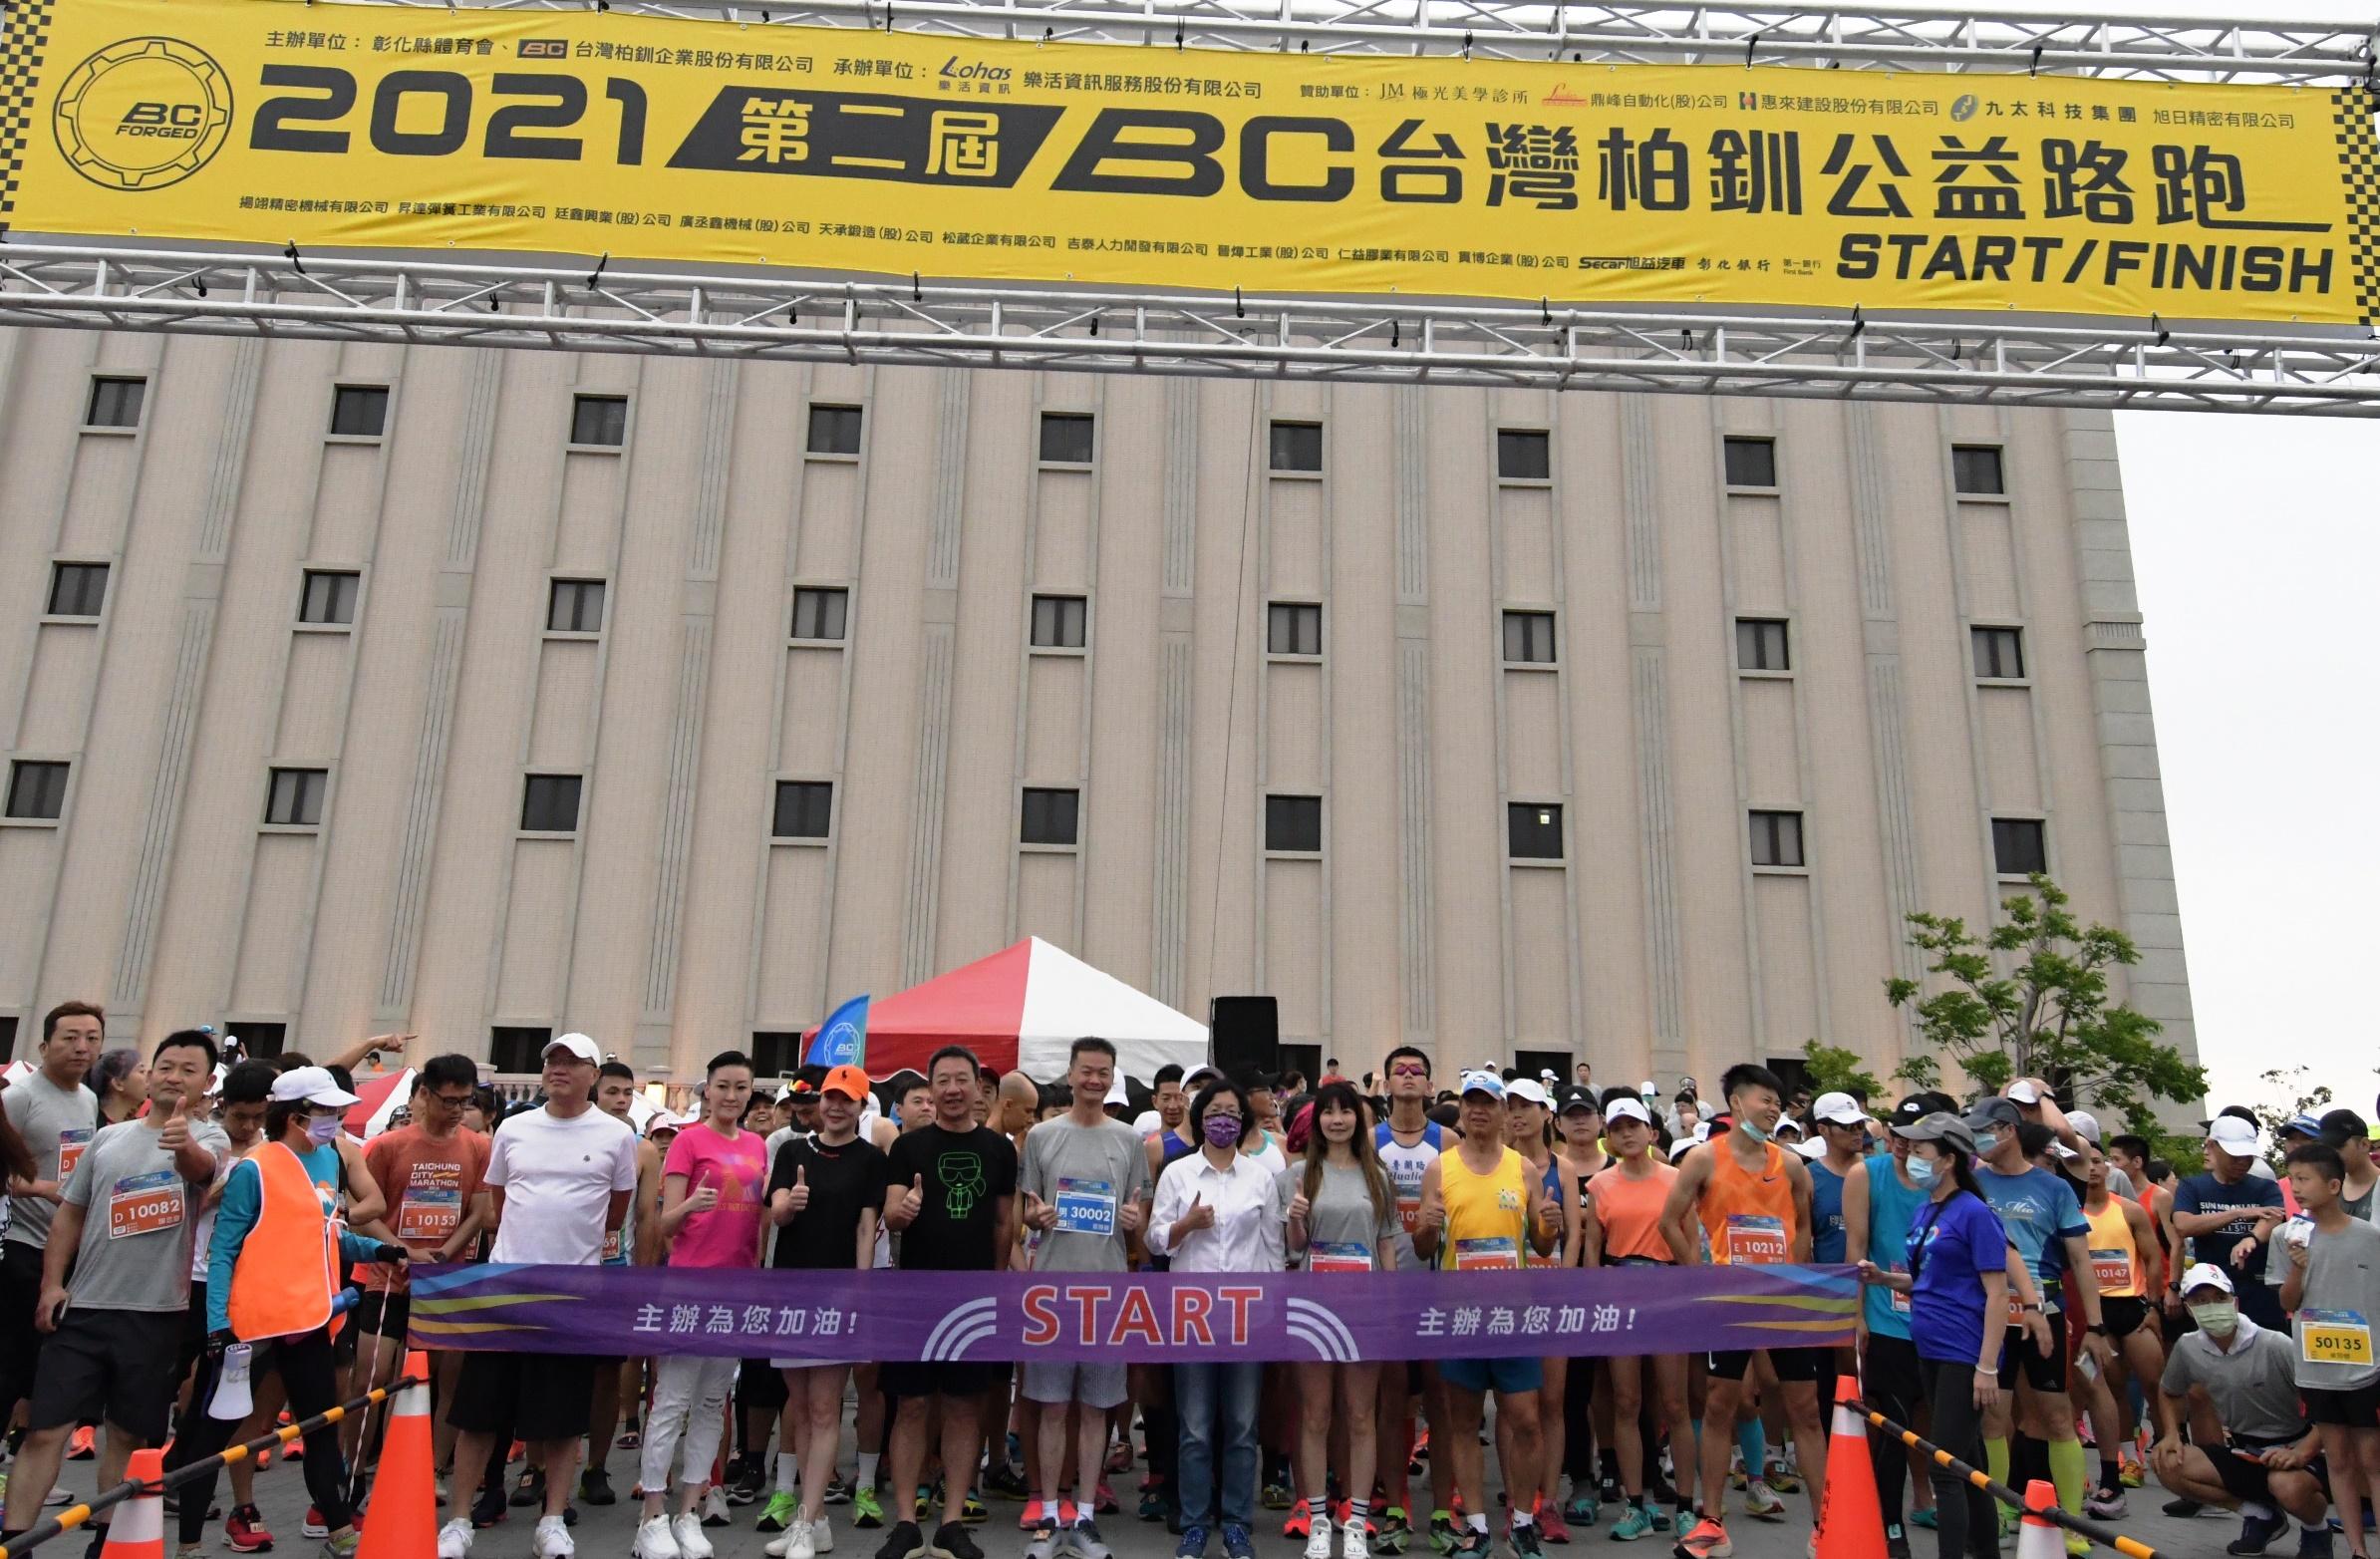 2021第二屆BC台灣柏釧公益路跑  早起運動健身 跑出健康 跑出快樂